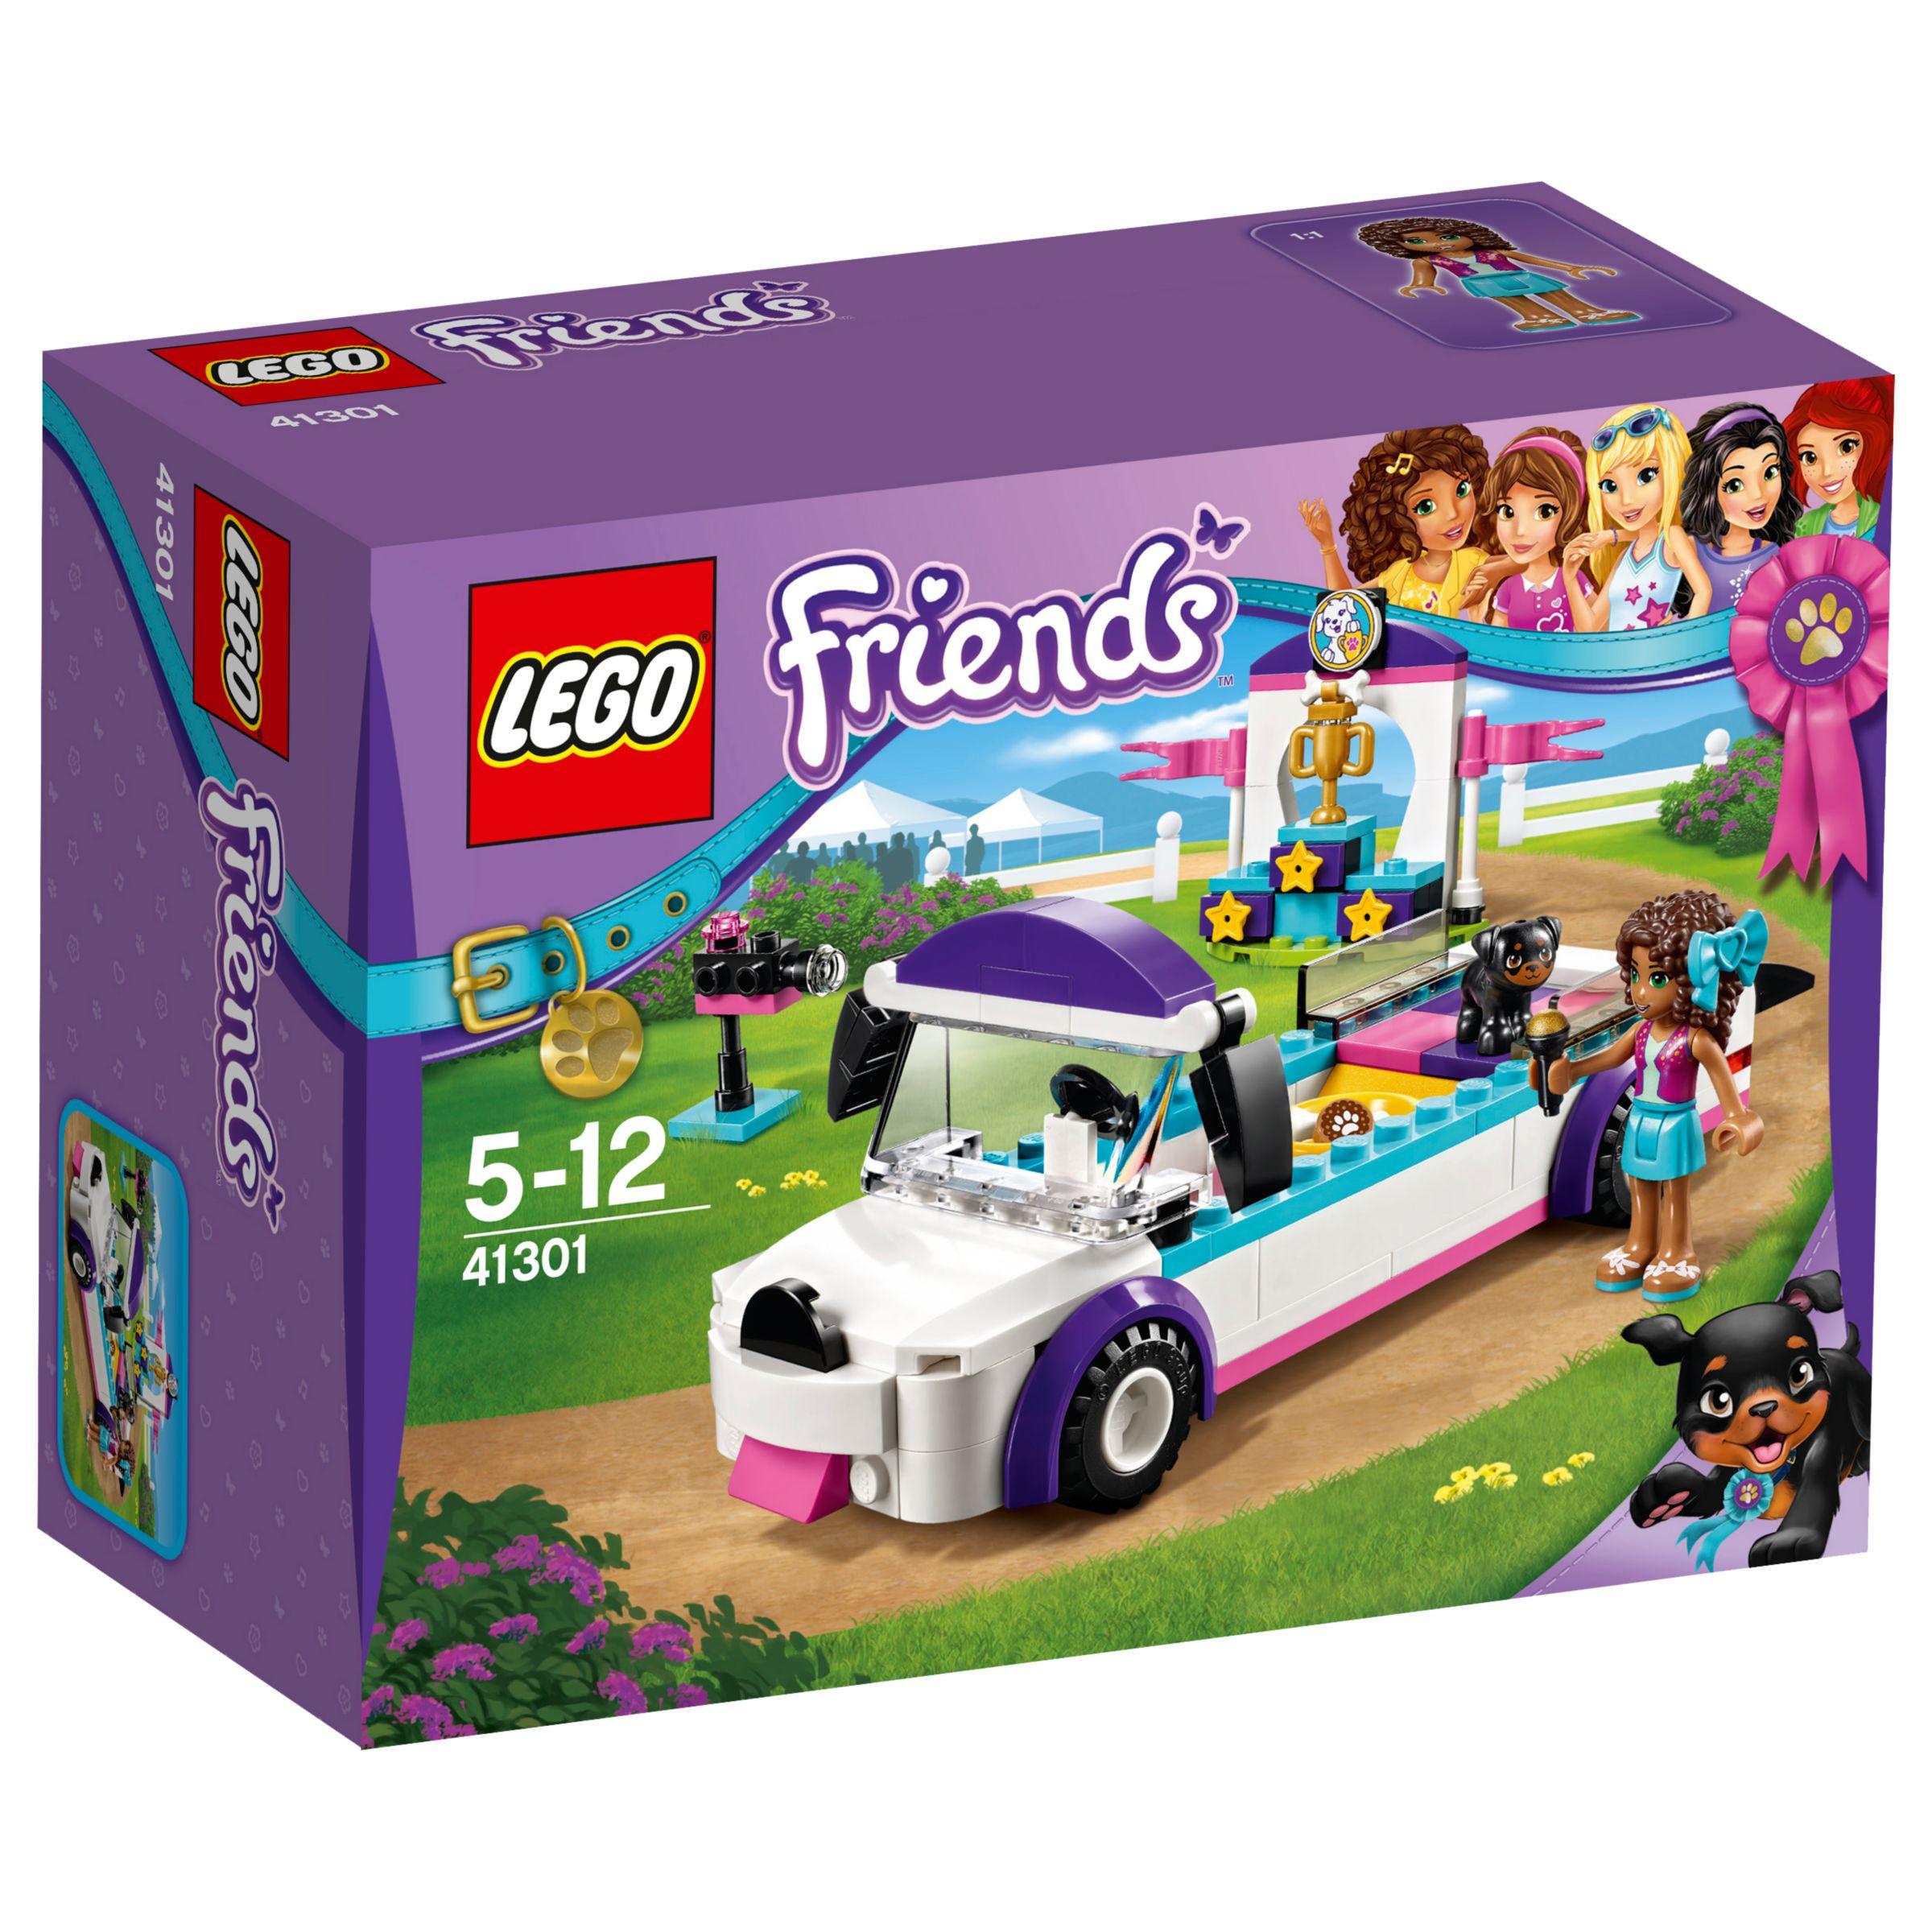 Lego LEGO Friends 41301 Puppy Parade Set